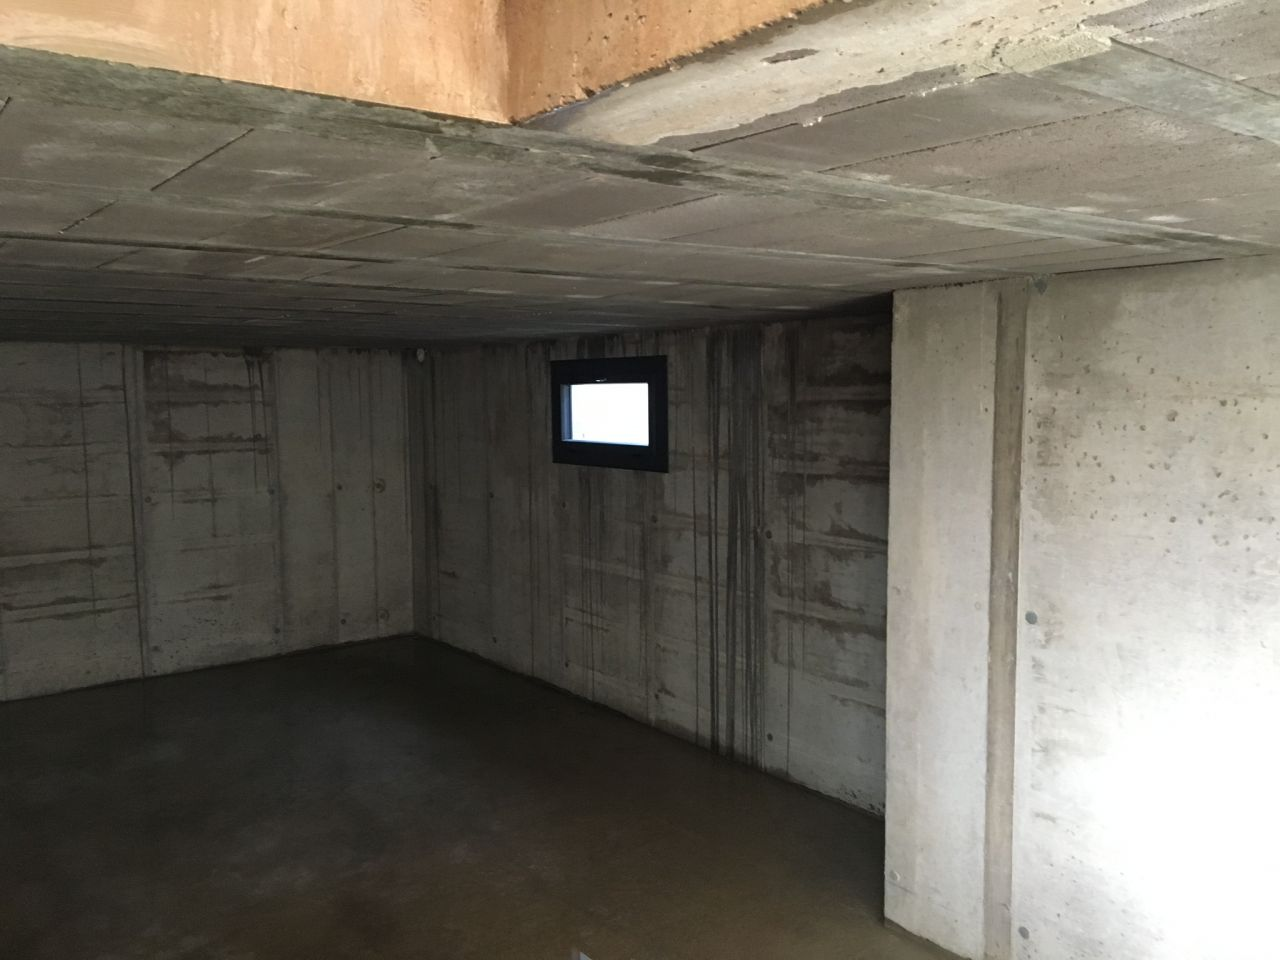 fenêtre sous-sol